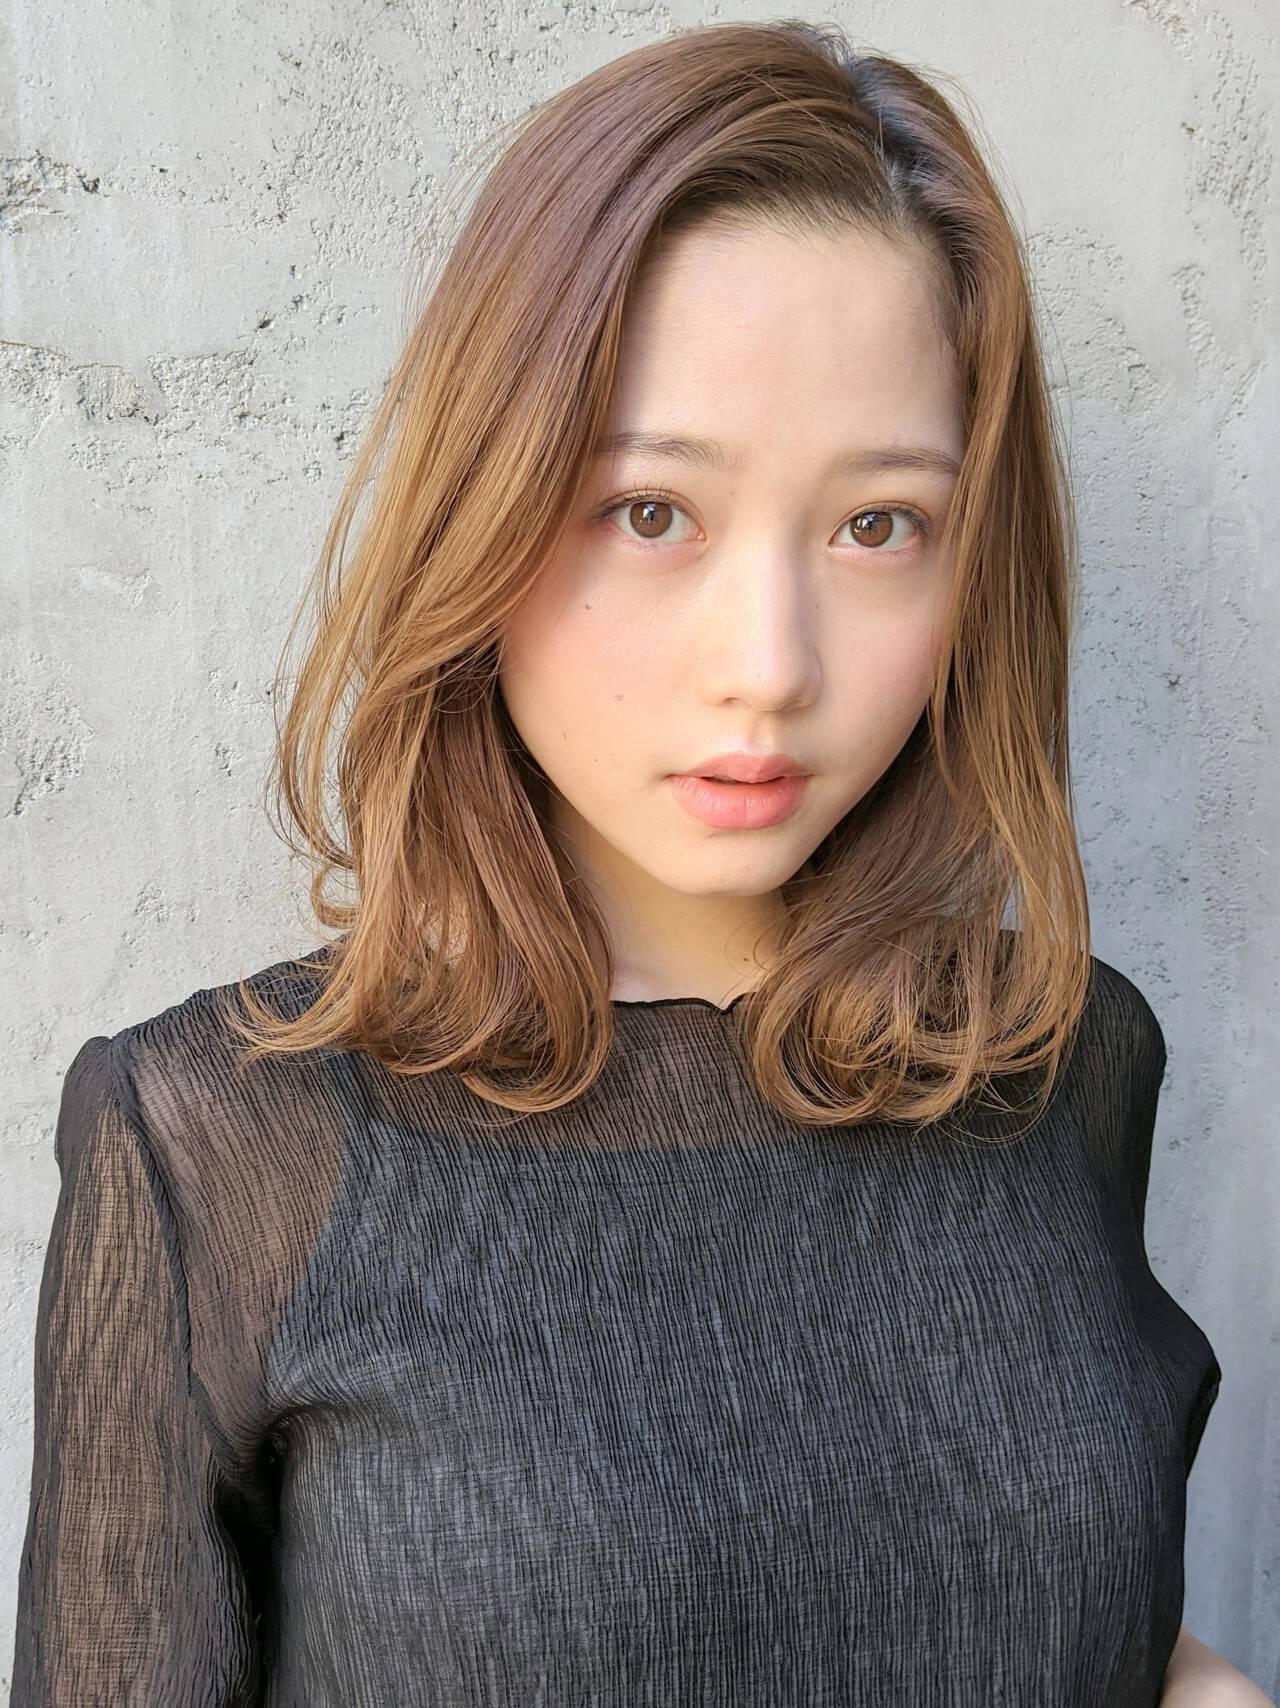 インナーカラー コテ巻き風パーマ 大人カジュアル 髪質改善ヘアスタイルや髪型の写真・画像